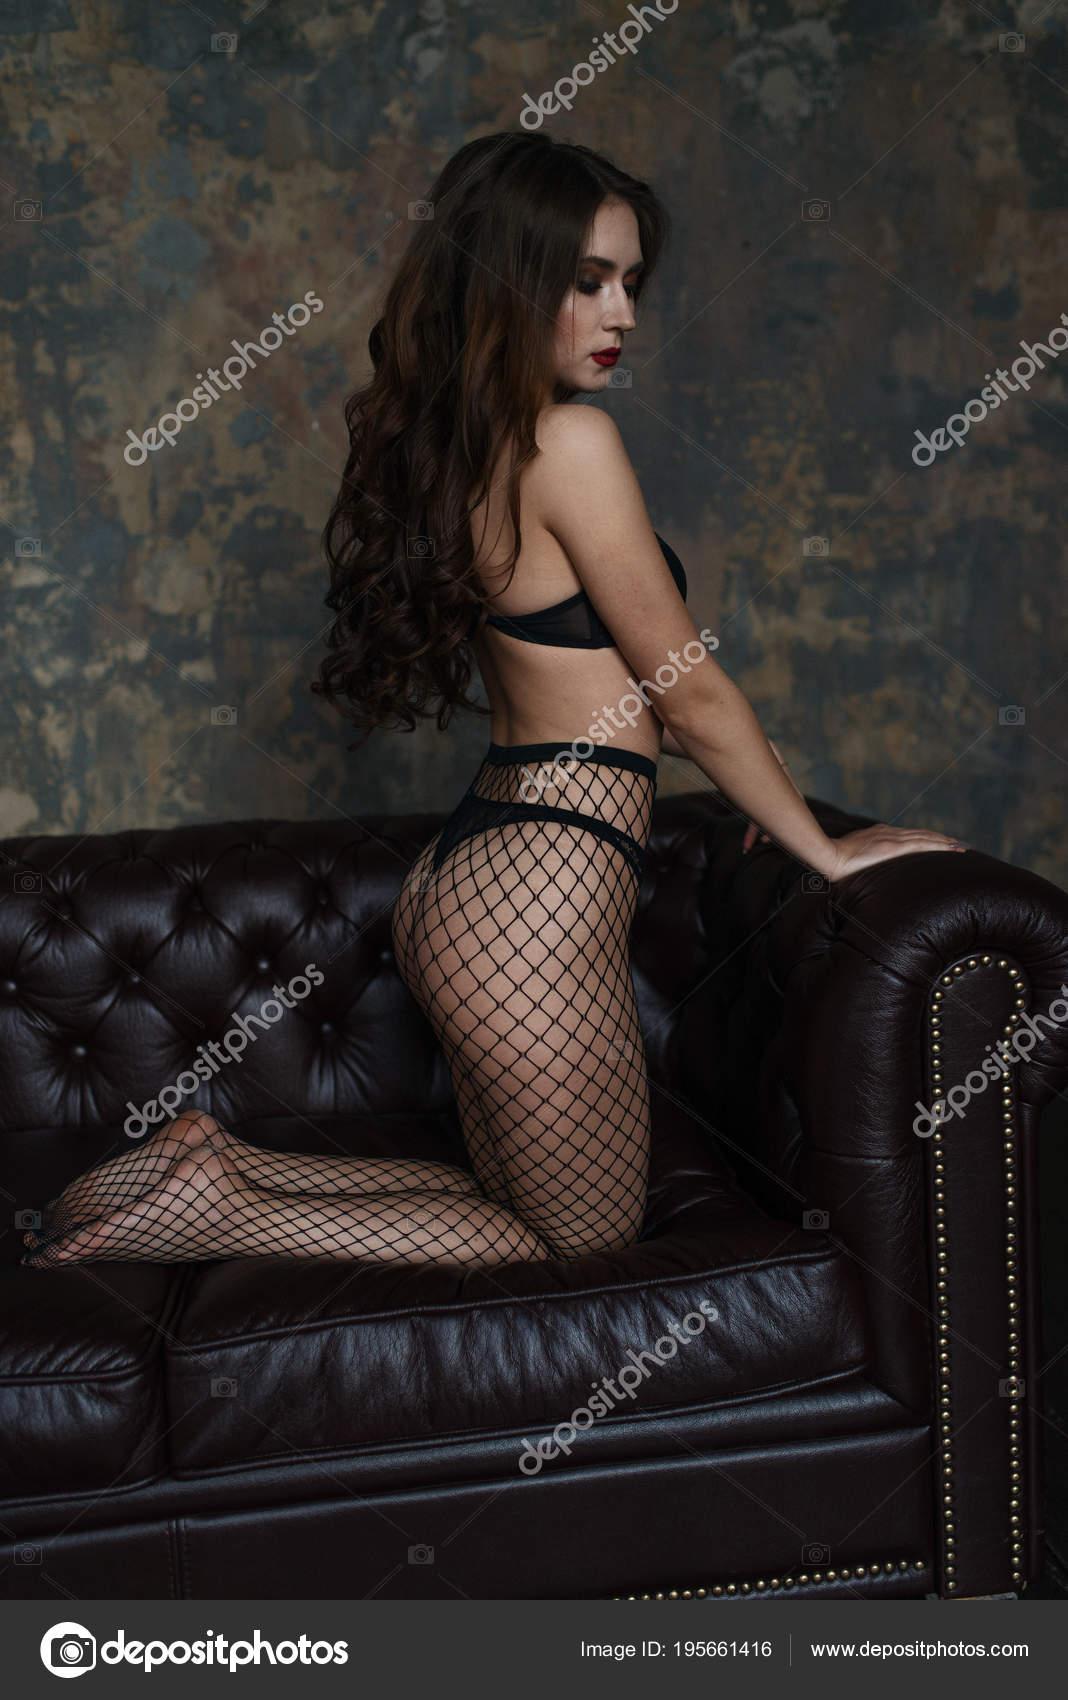 bb72a0ad6 Foto de estúdio de moda de uma jovem morena sensual em uma sensual lingerie  preta.